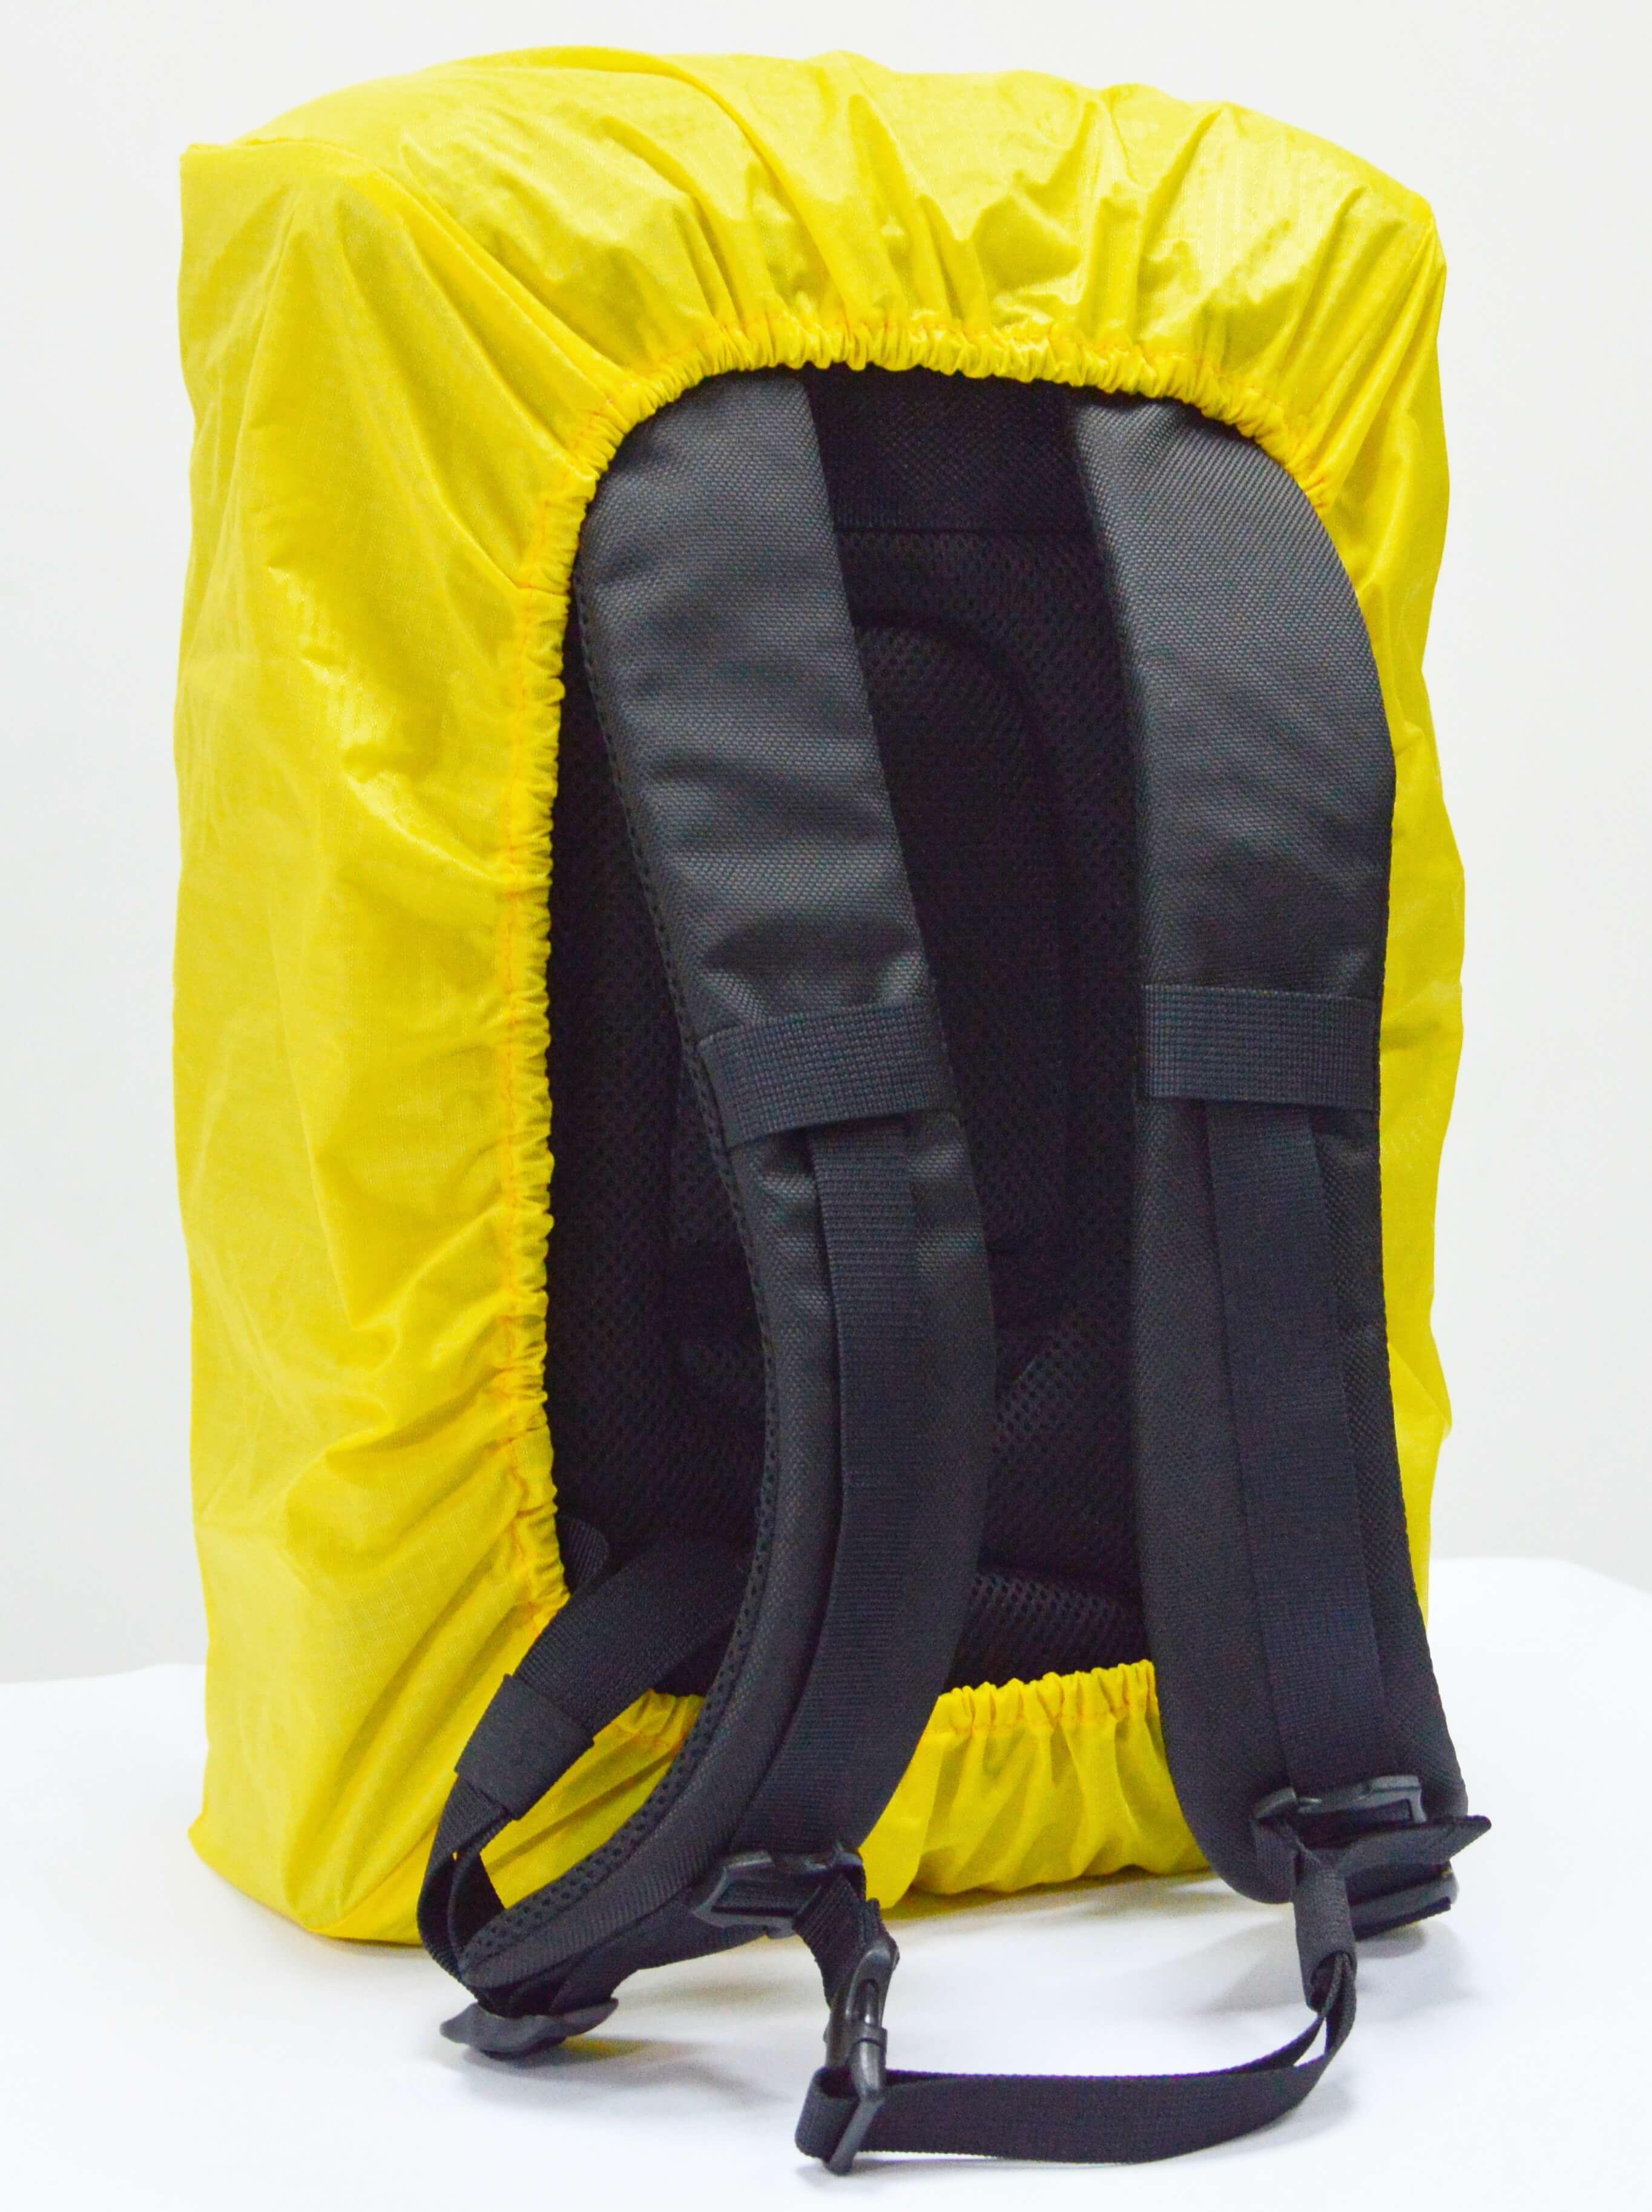 PackChair基本款 和 PackChair E包專用雨套 3